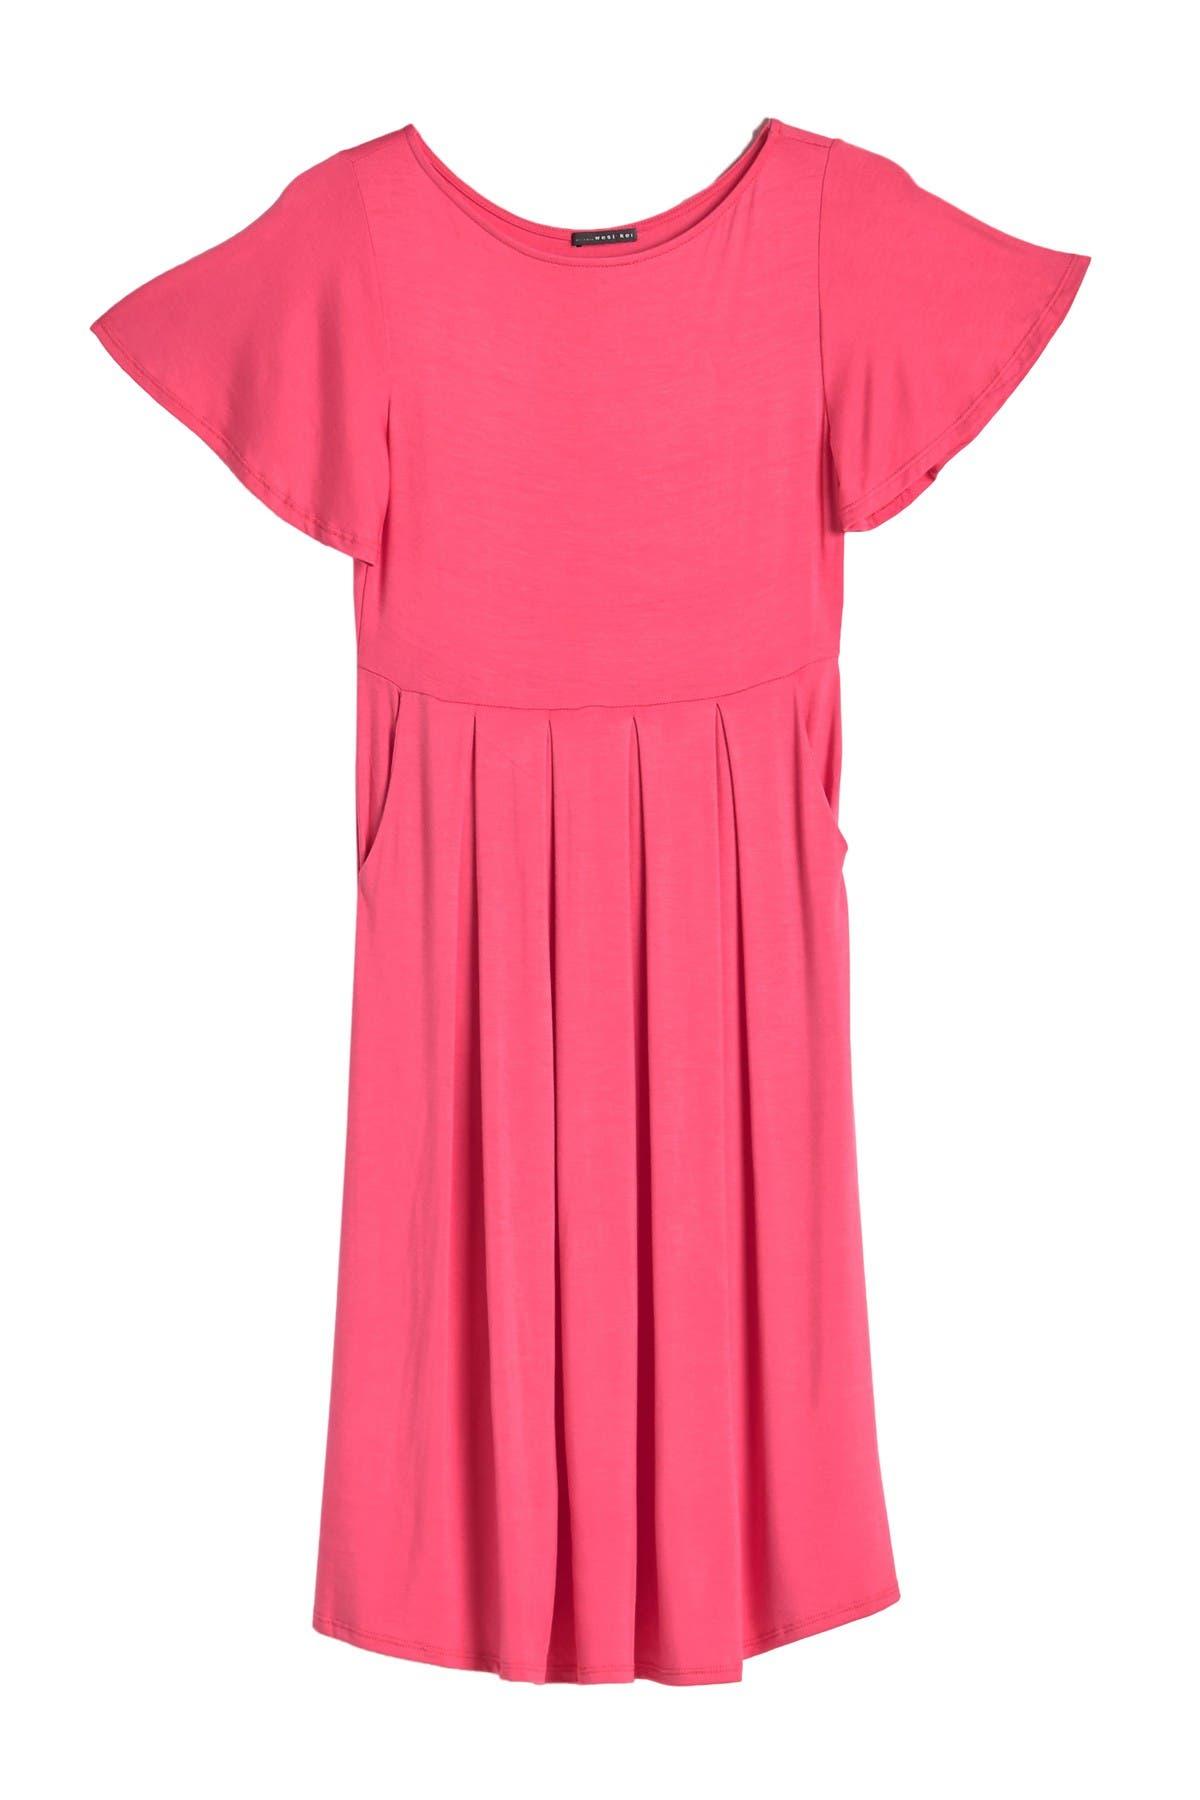 Image of WEST KEI Flutter Sleeve Pocket Dress